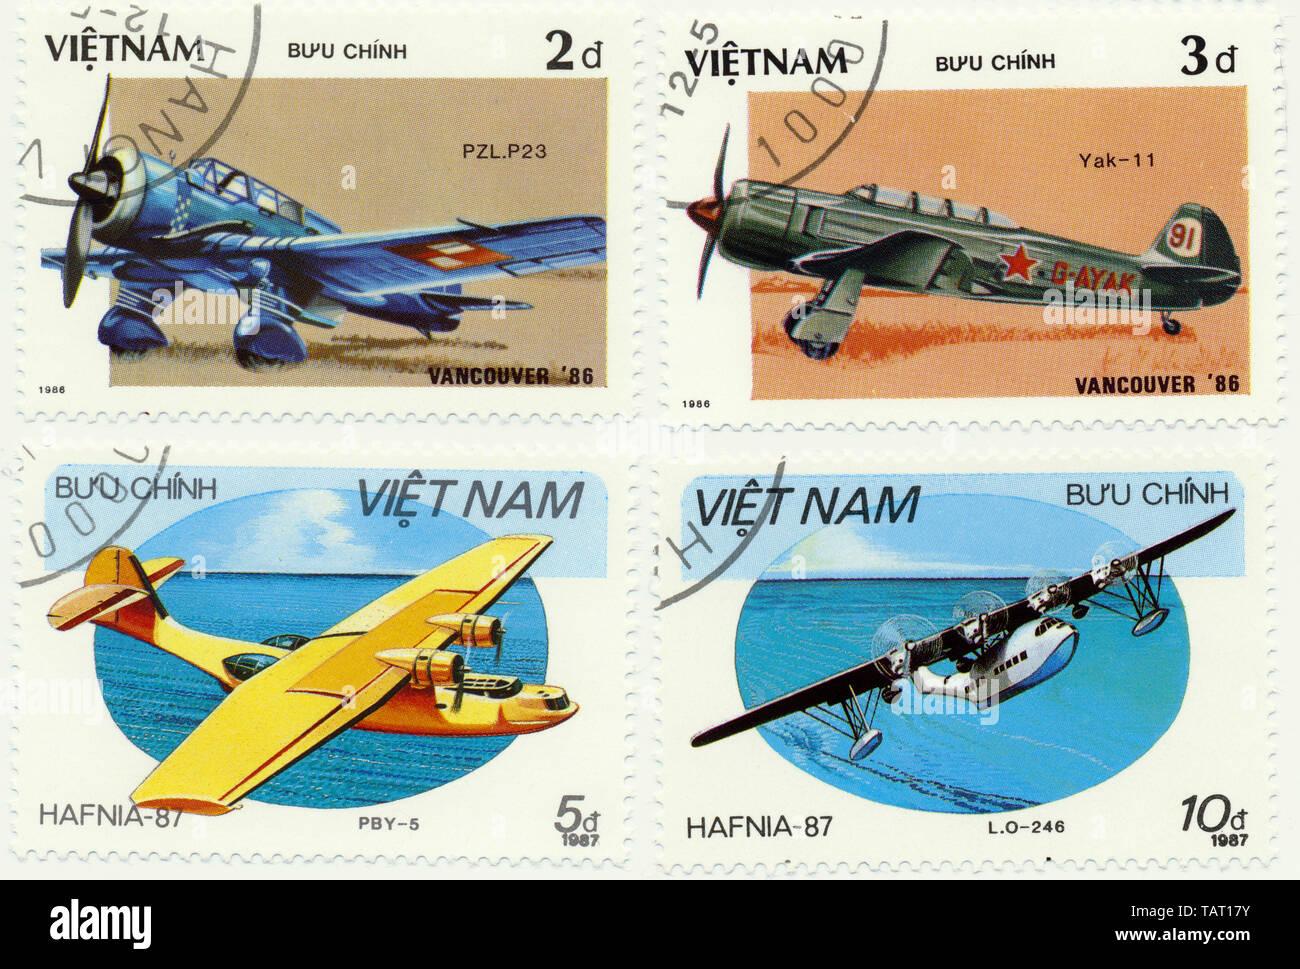 Historic postage stamps from Vietnam, Historische Briefmarken aus Vietnam, Flugzeuge, 1986 - Stock Image